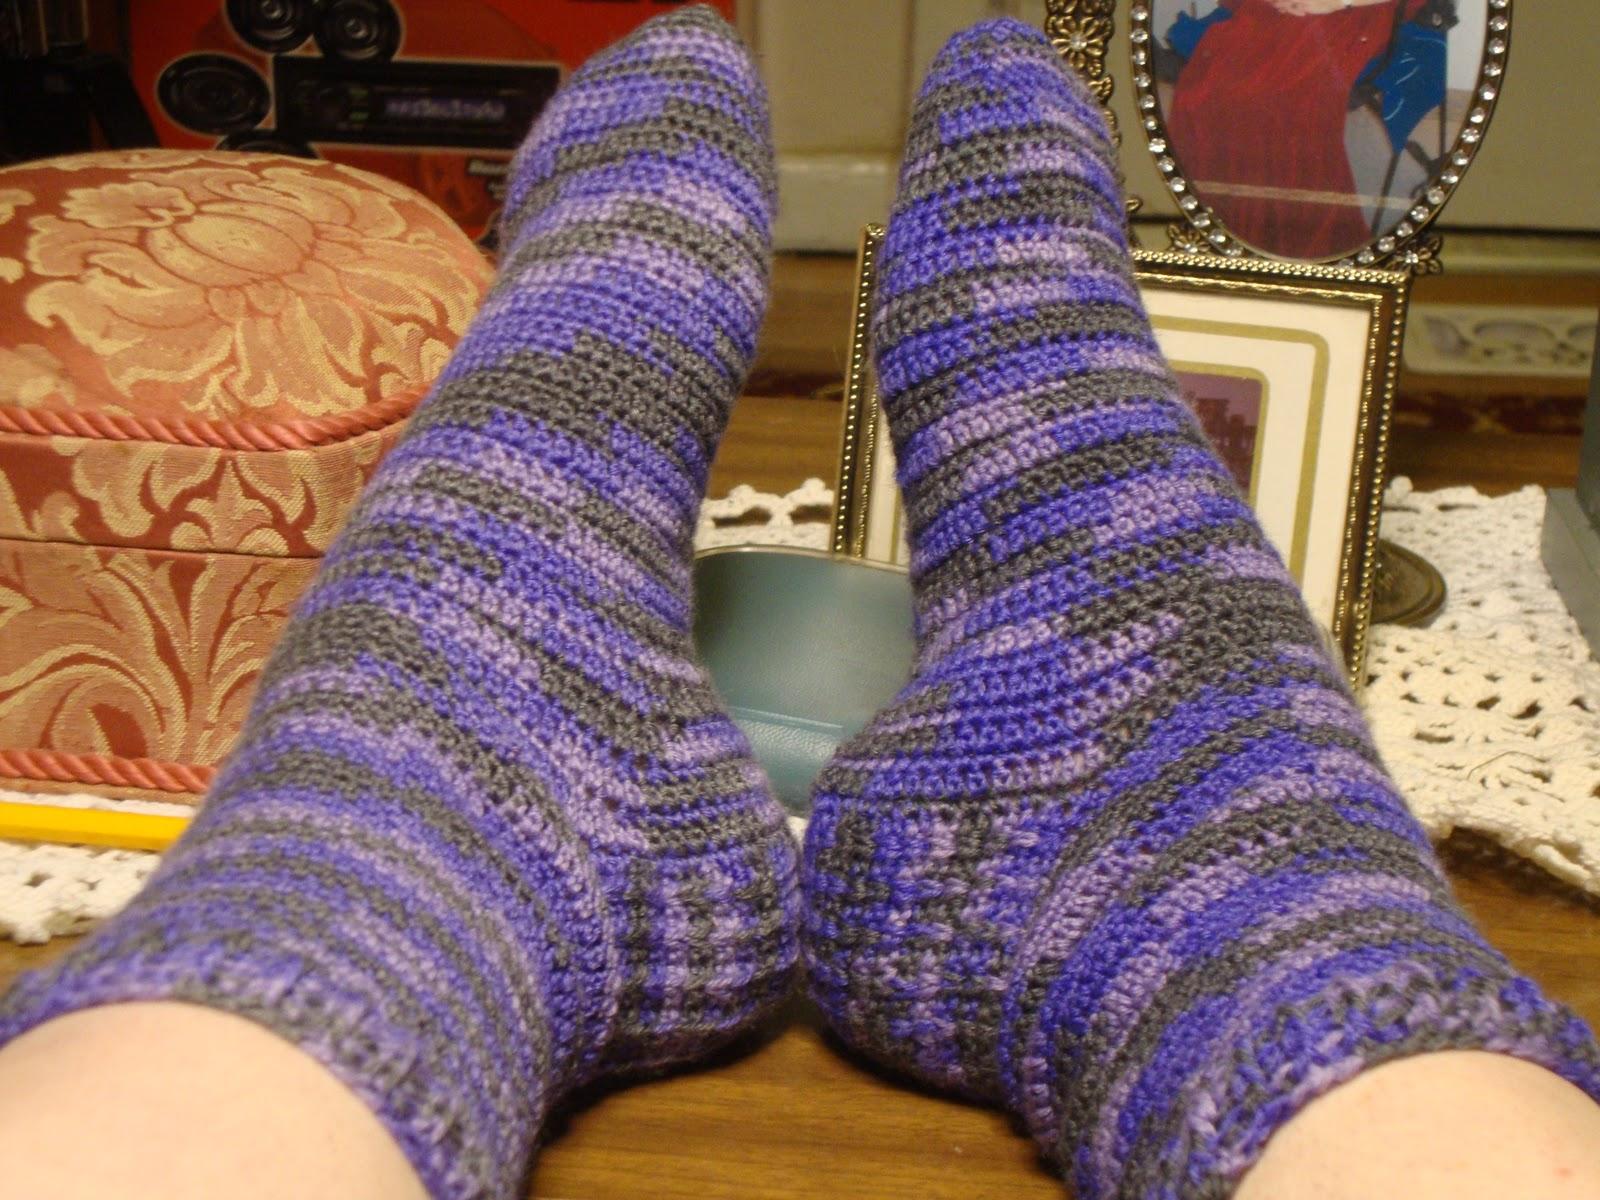 Wicked Crochet: Wicked Crochet Does Easy Does It Socks